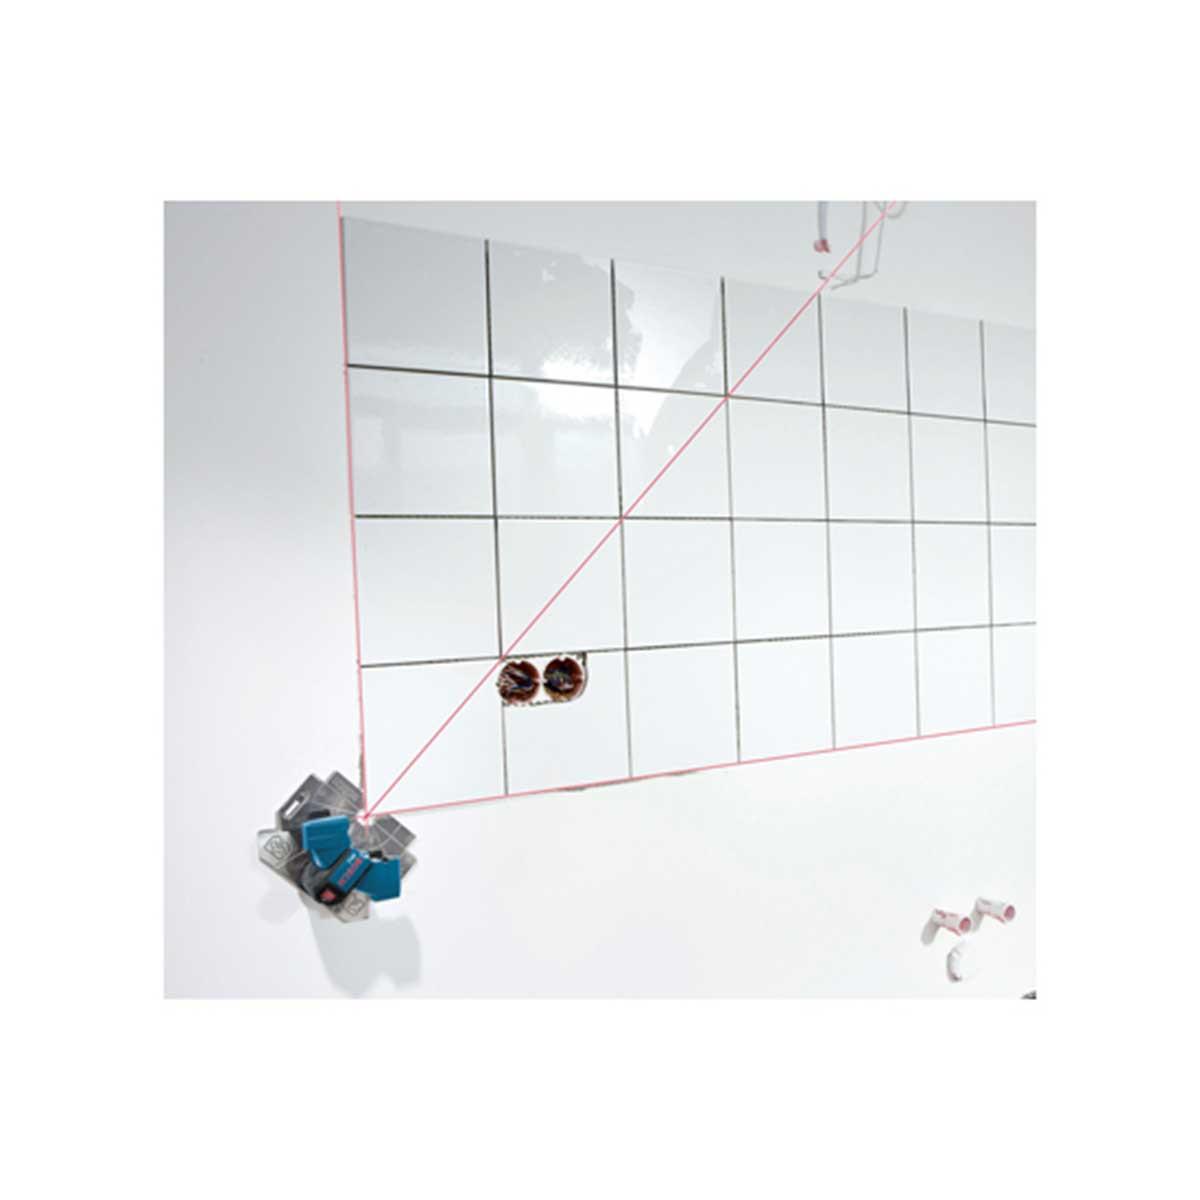 gtl3 wall layout laser